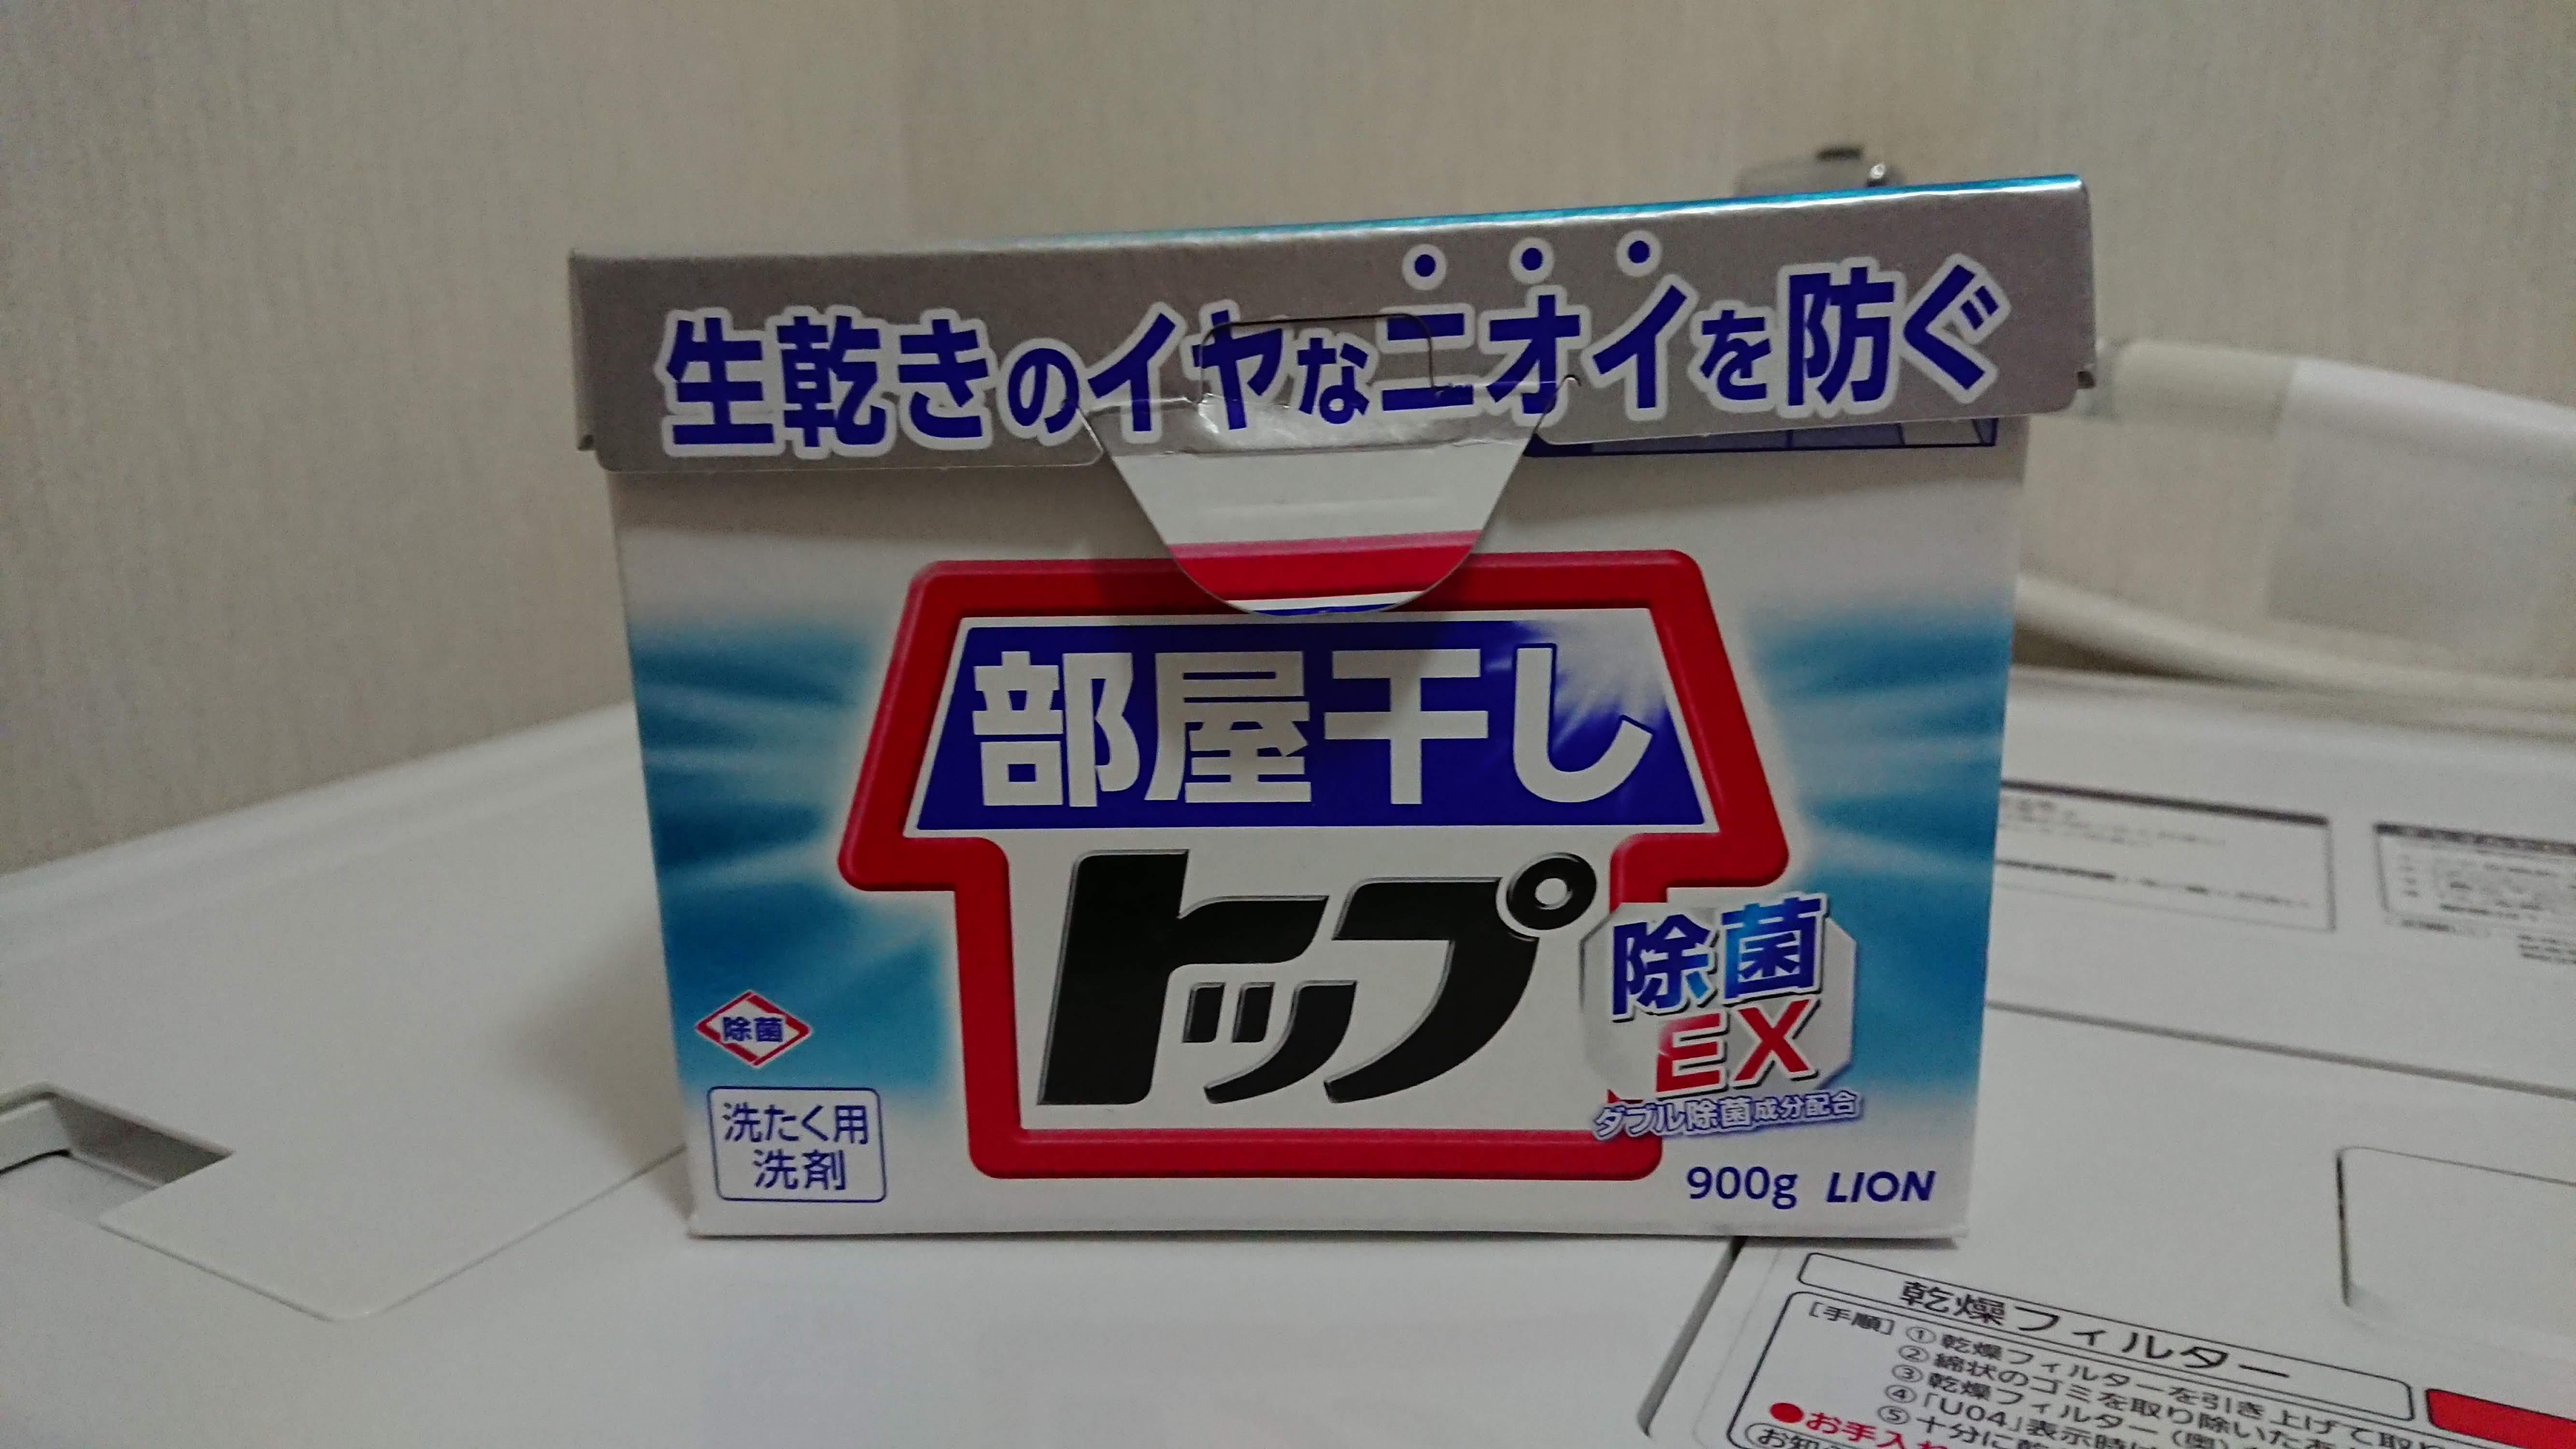 粉末洗剤【部屋干しトップ除菌EX】でも洗っています。